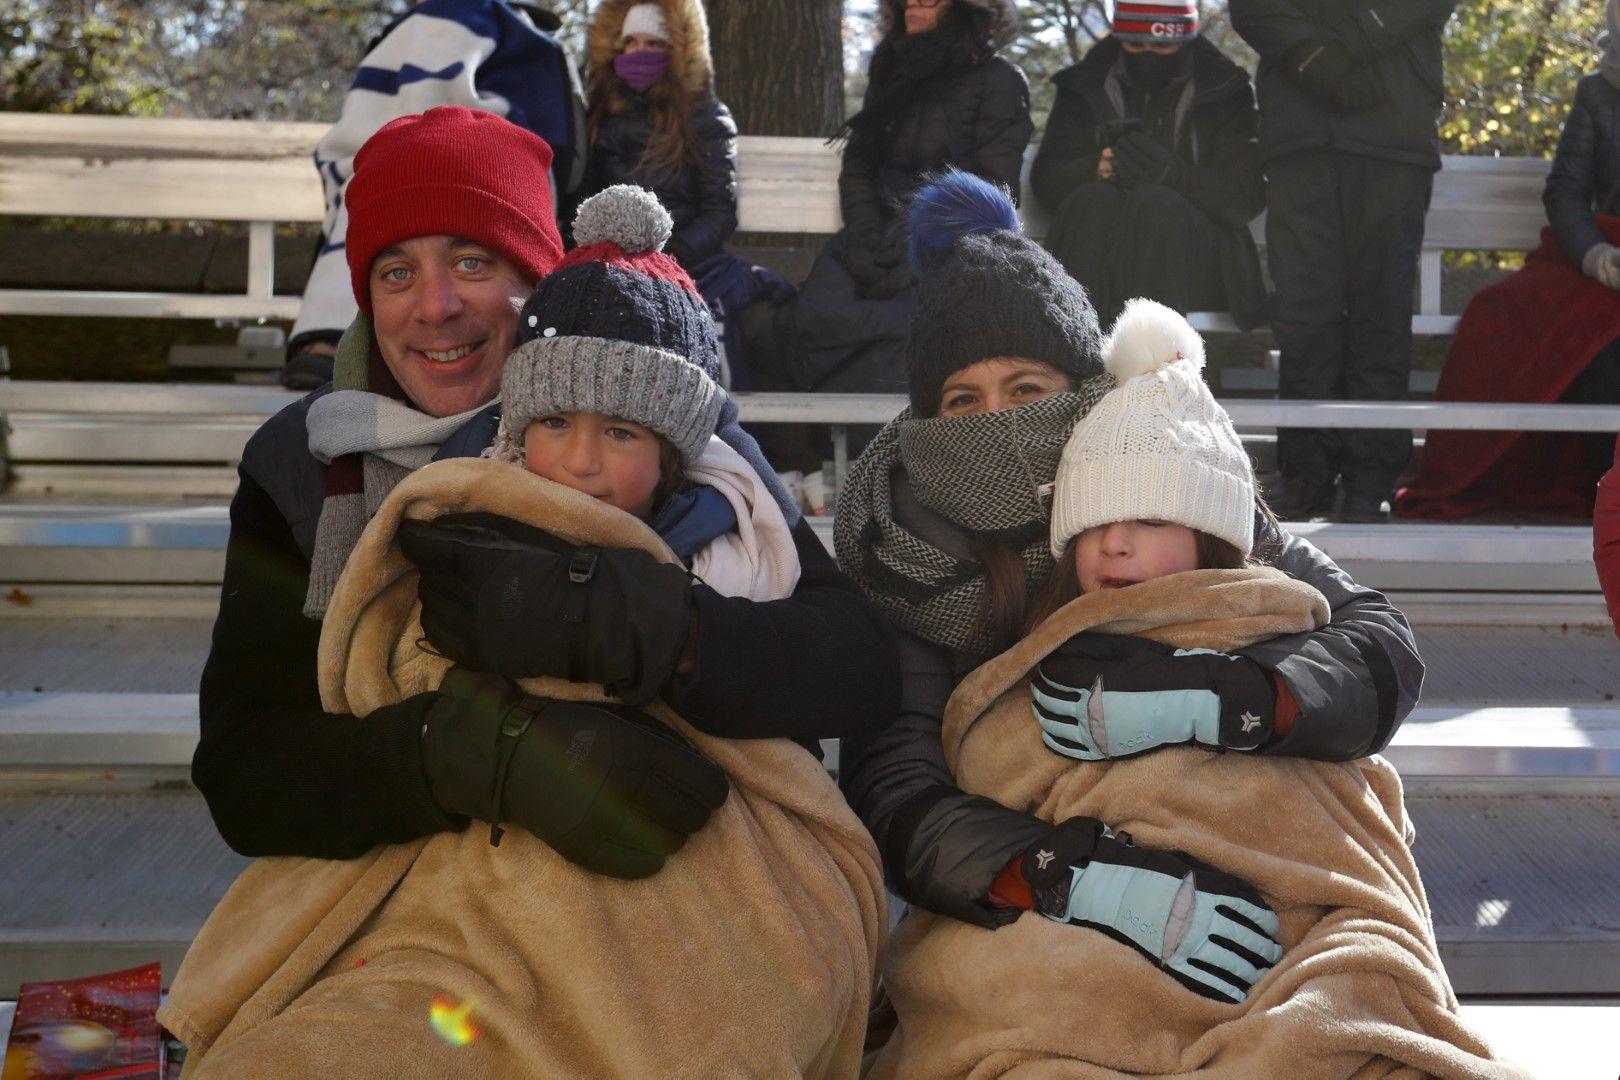 Семействата зъзнат в Ню Йорк, но не се отказват от шоуто